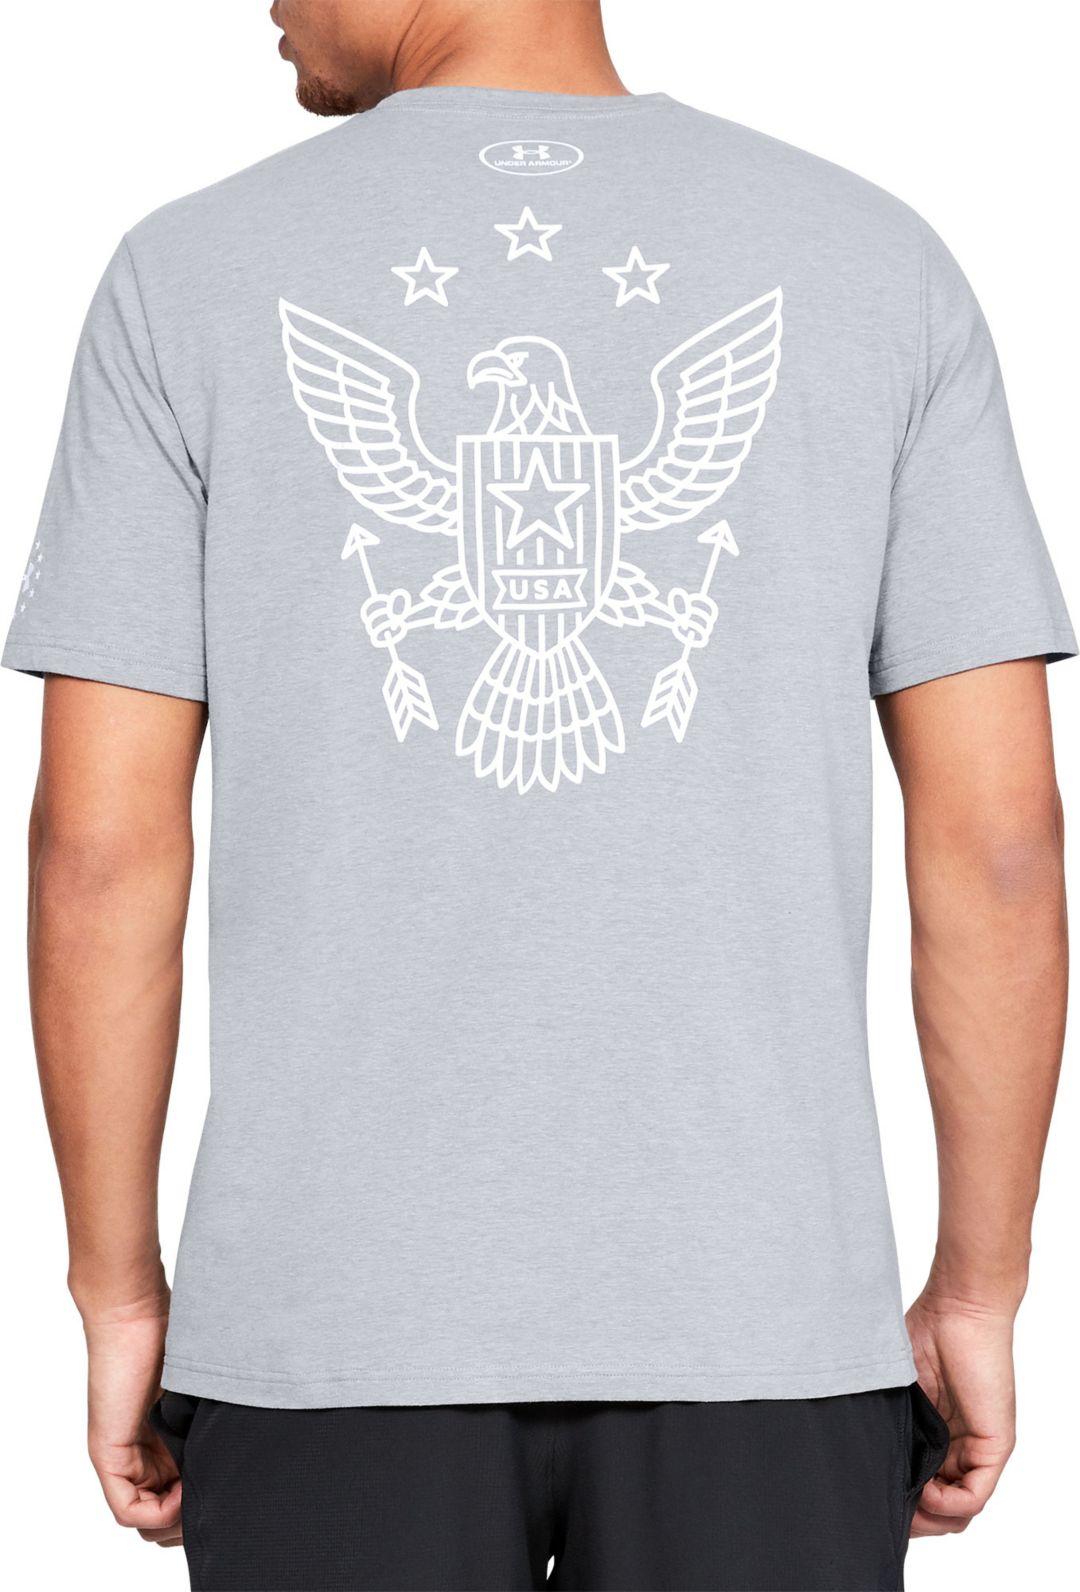 5db4afc0 Under Armour Men's Freedom Eagle Arrow Short Sleeve T-Shirt